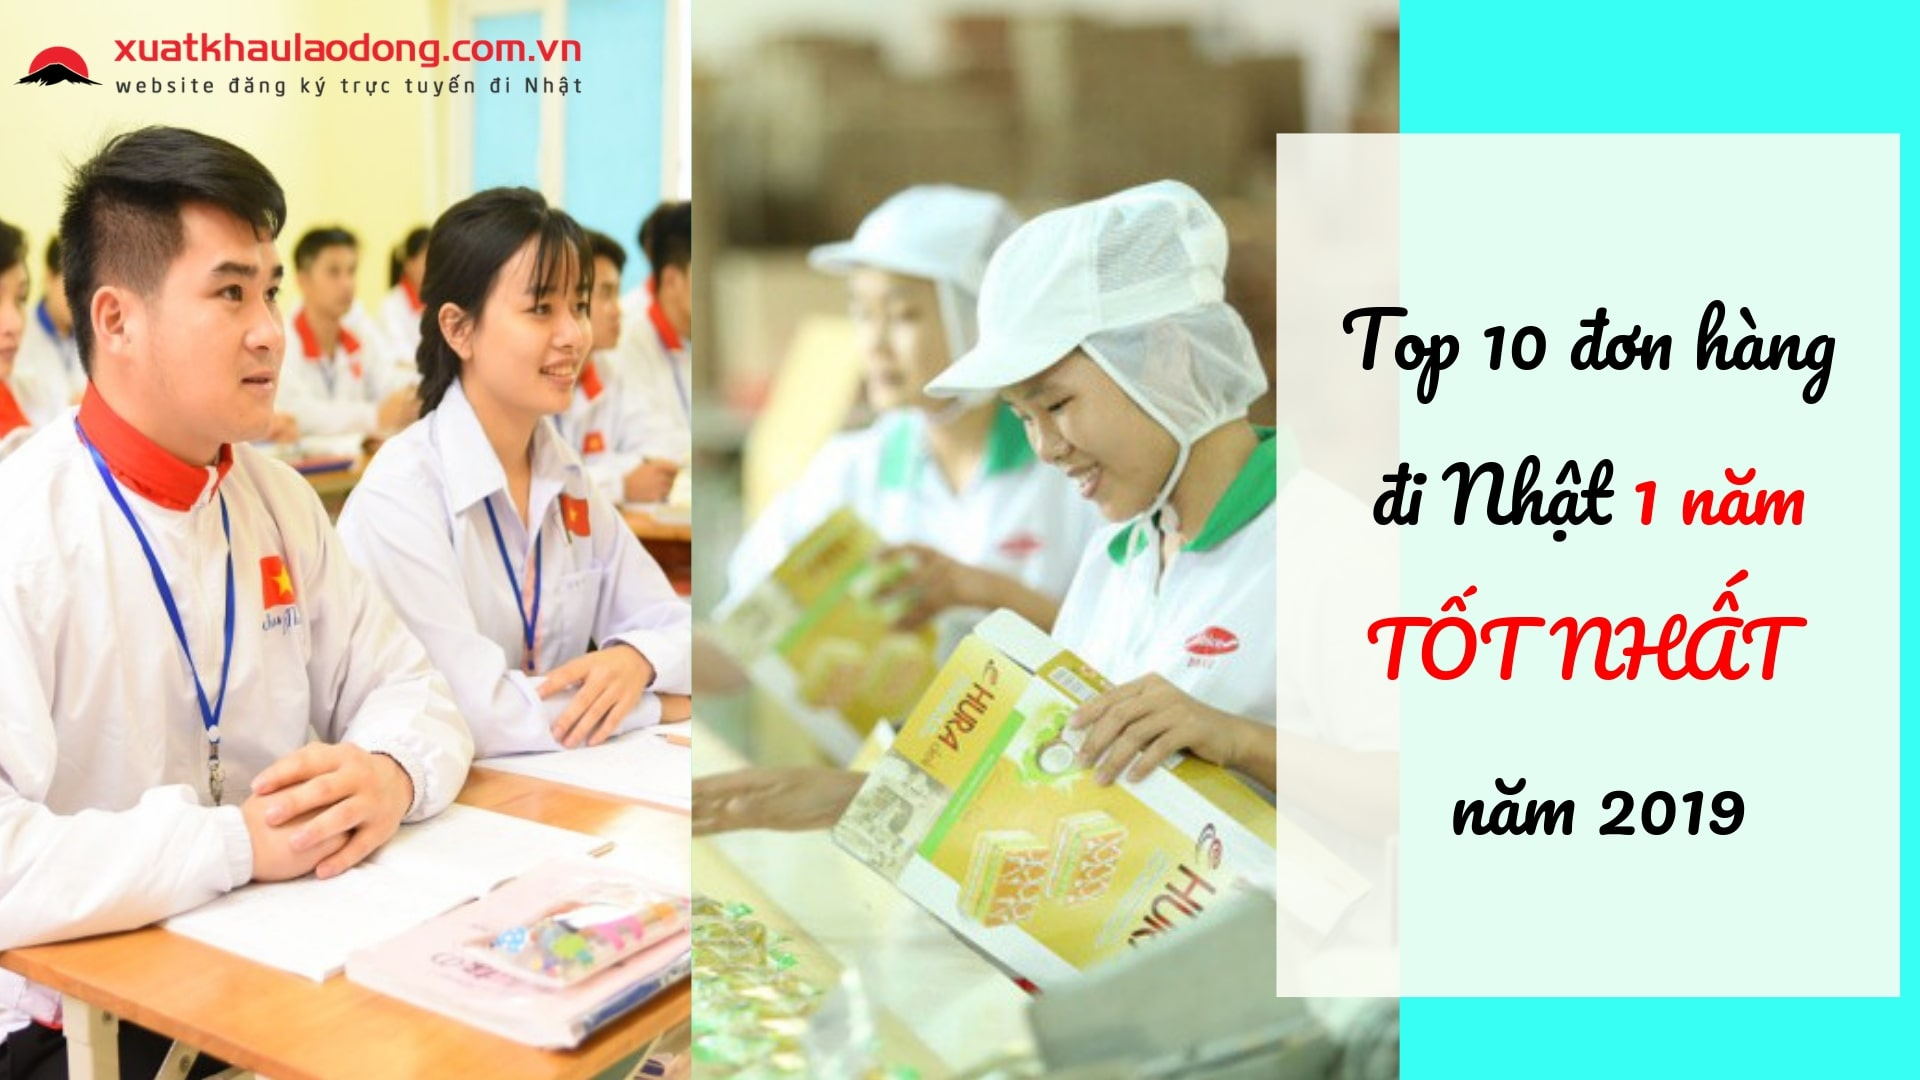 TOP 10  đơn hàng đi Nhật 1 năm TỐT NHẤT năm 2020